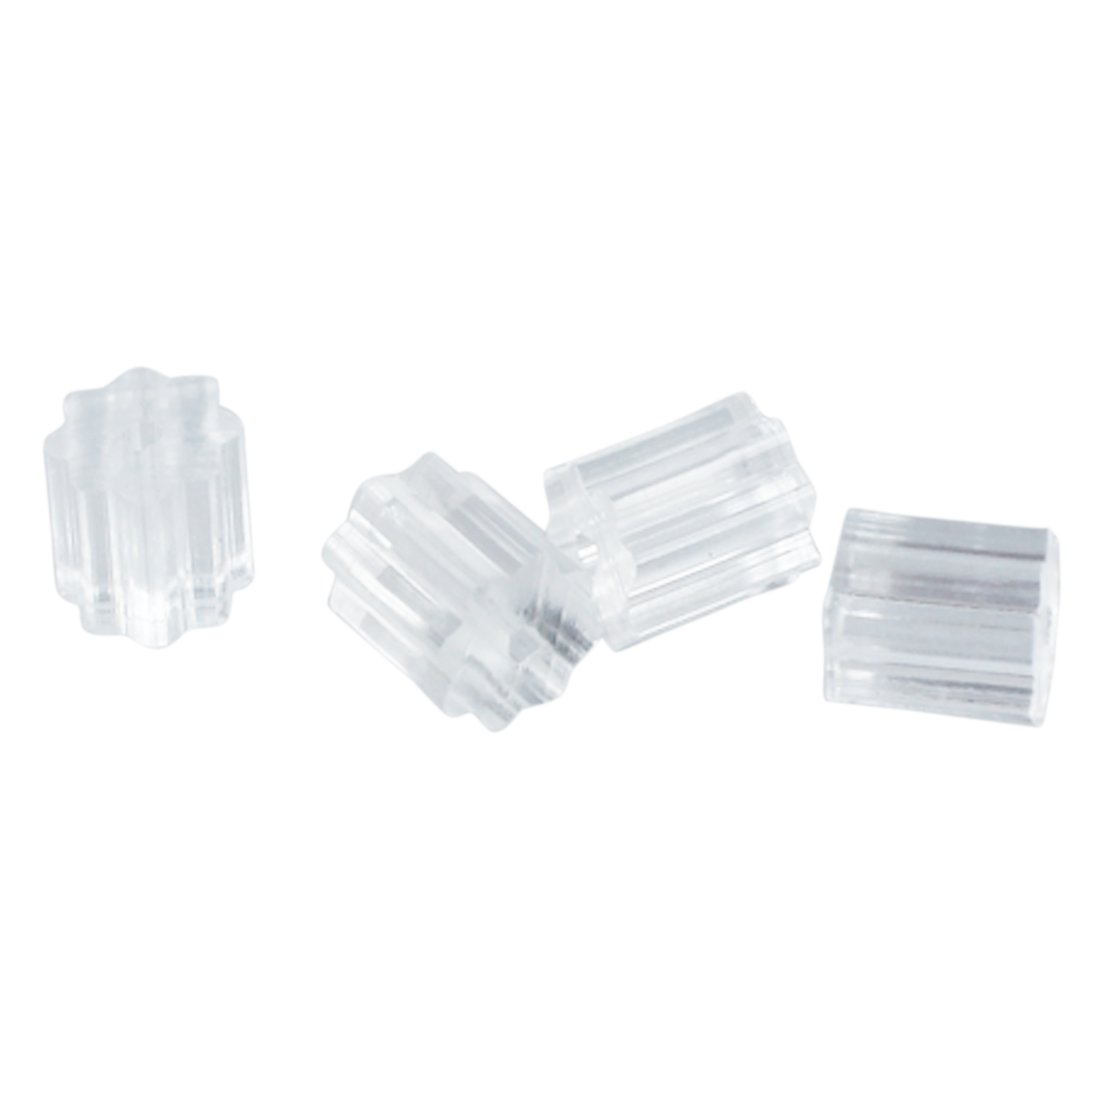 100 x Tapon de Pendientes 3mm Seguro para para Gancho de Pendientes /¨C Transparente TOOGOO R